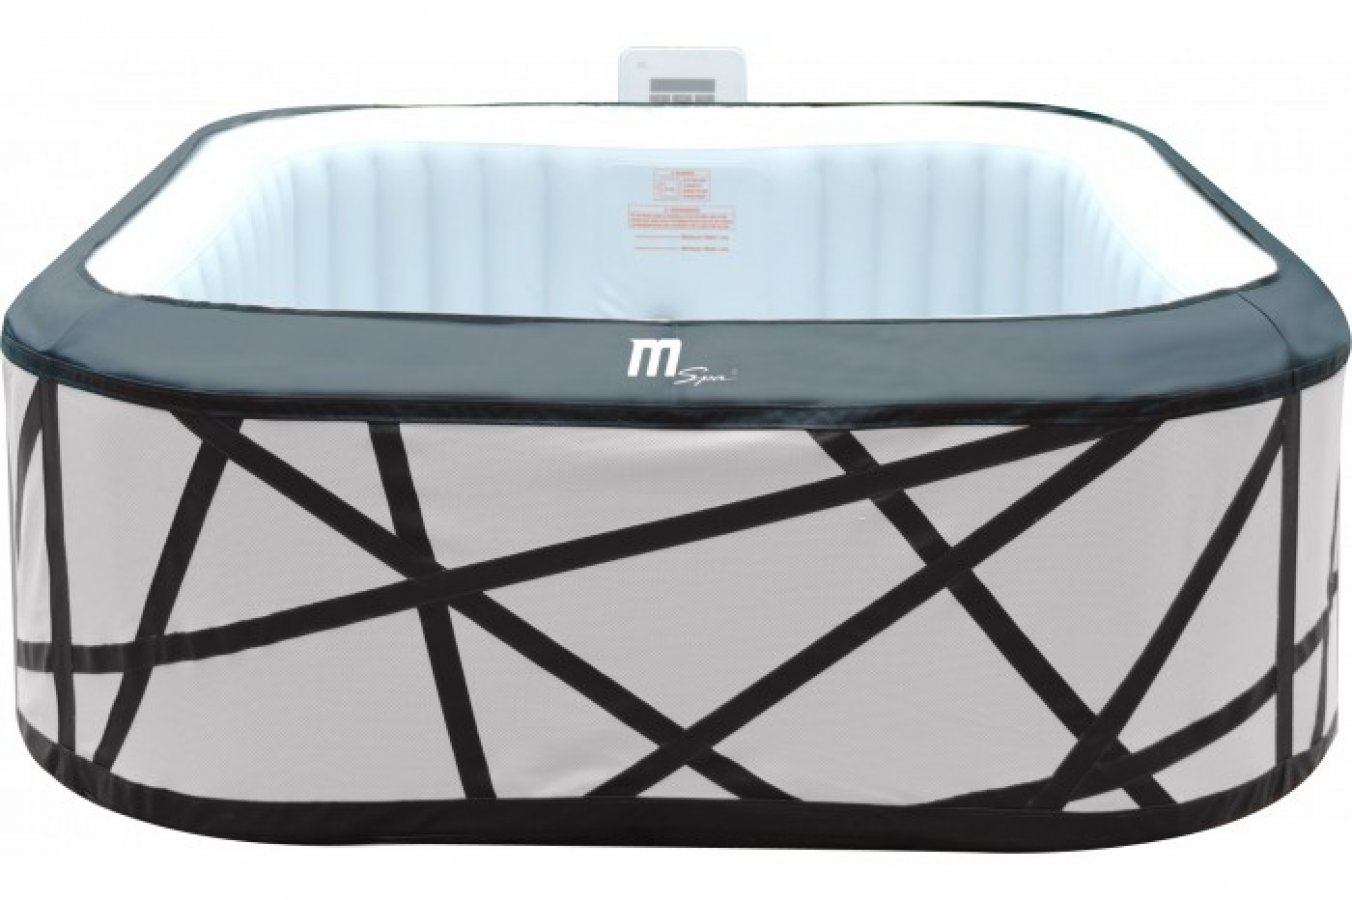 Mobilní vířivá vana MSpa SOHO P-SH06